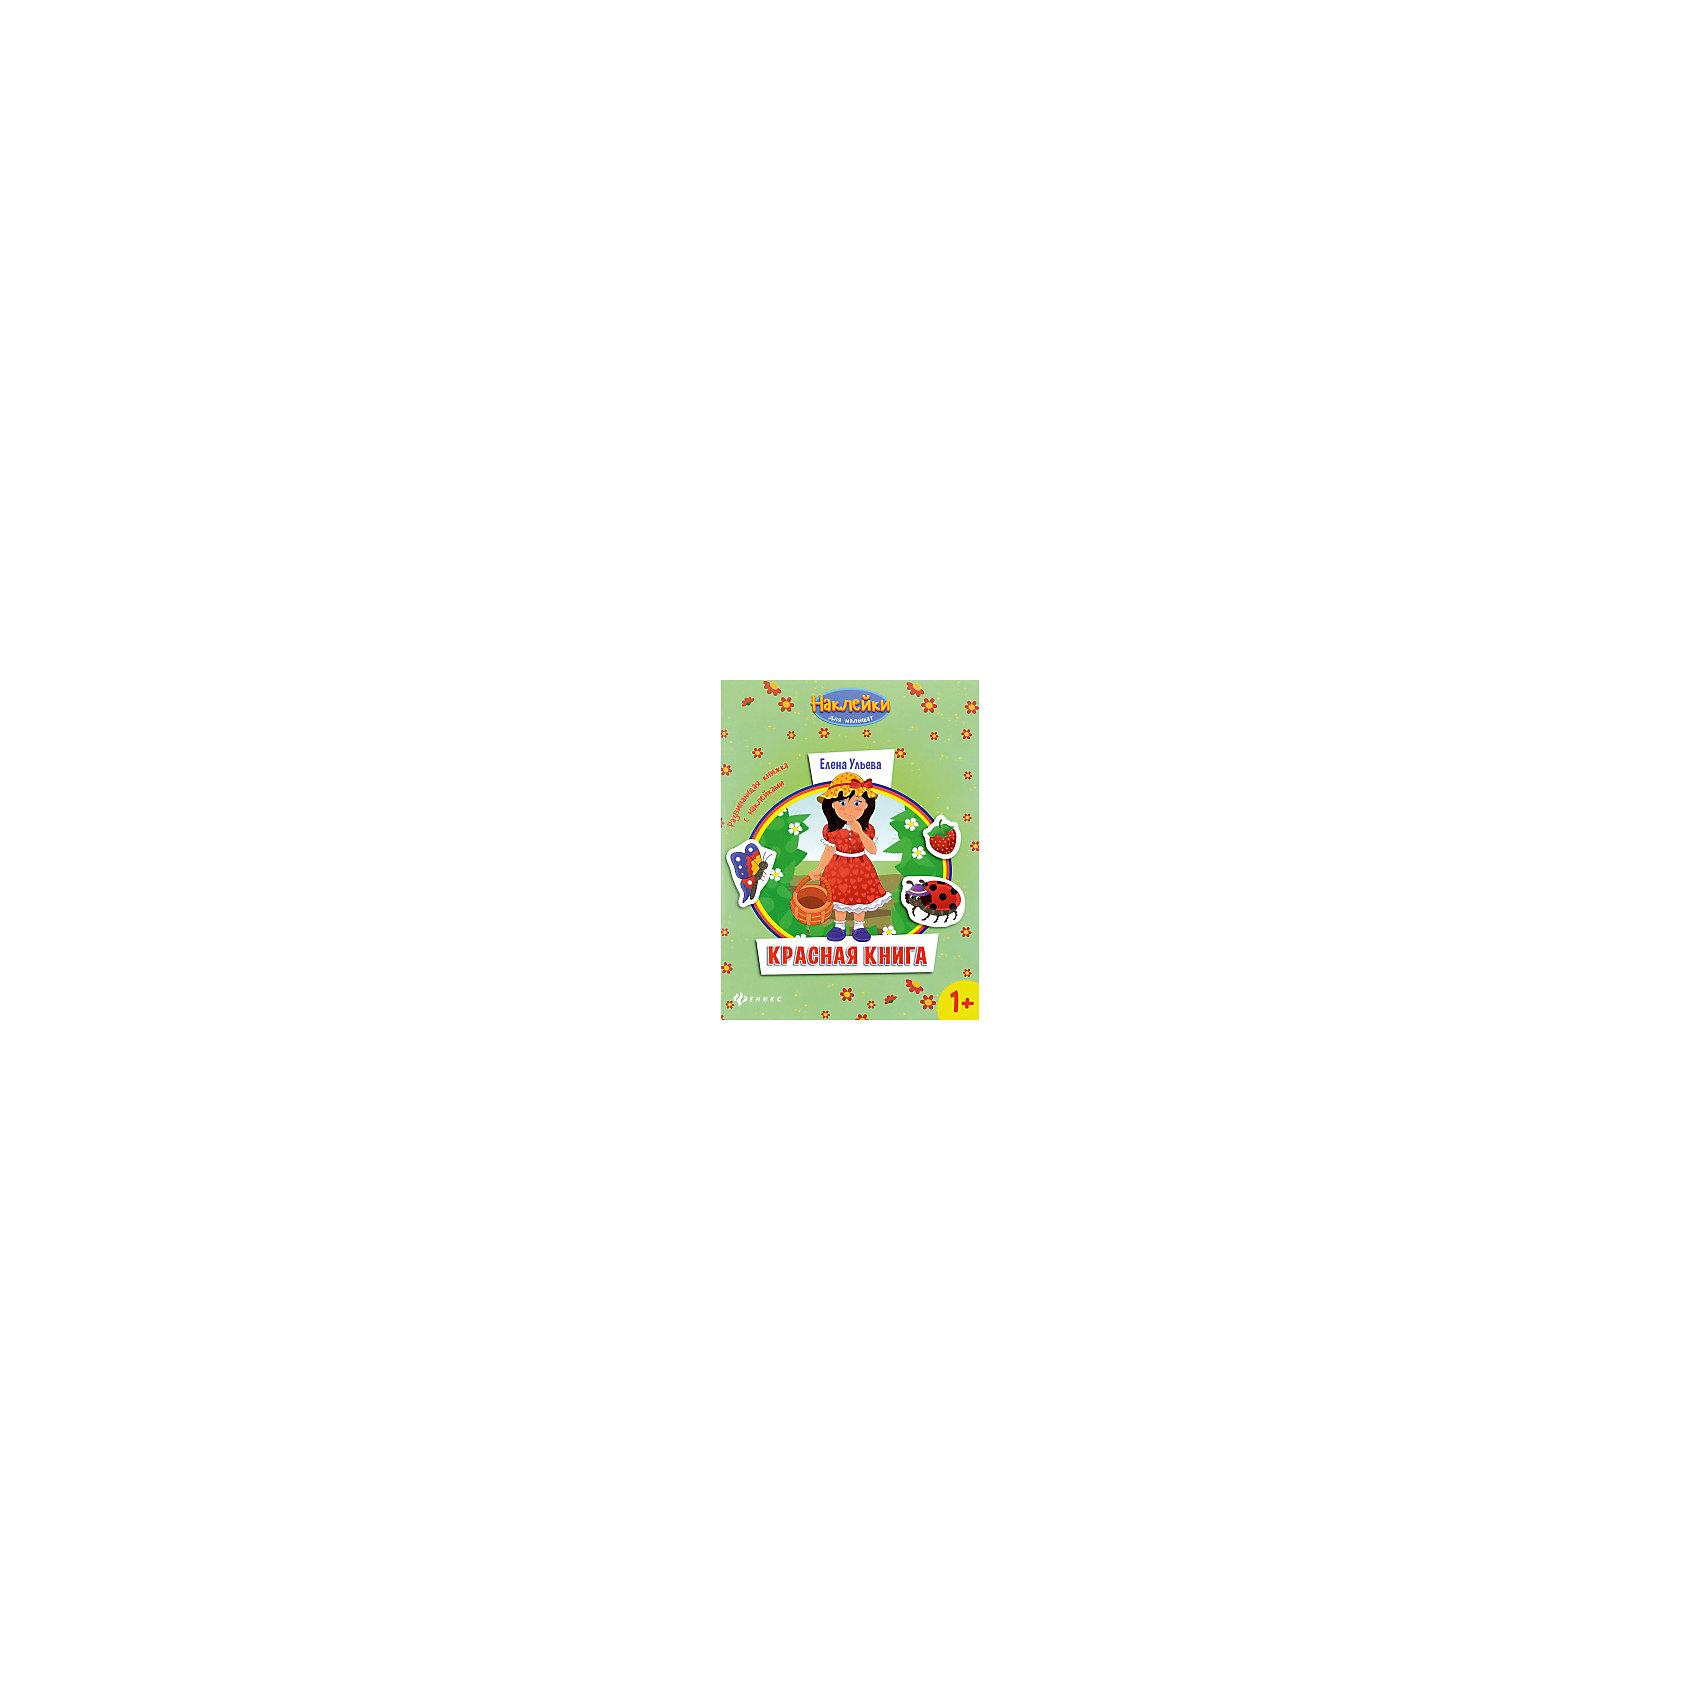 Комплект наклеек для малышей Красная + синяя книгаКнижки с наклейками<br>Характеристики:<br><br>• ISBN: 978-5-222-26615-1;<br>• ISBN: 978-5-222-26836-0<br>• возраст: от 2 лет;<br>• формат: 84х108/16;<br>• бумага: мелованная;<br>• тип обложки: мягкий переплет (крепление скрепкой или клеем);<br>• иллюстрации: цветные;<br>• серия: Наклейки для малышат;<br>• издательство: Феникс, 2016 г.;<br>• автор: Ульева Елена Александровна;<br>• редактор: Силенко Елизавета;<br>• художник: Таширова Юлия;<br>• количество страниц в книге: 8;<br>• размеры книги: 25,9х19,9х0,1 см;<br>• масса книги: 68 г.<br><br>В набор входит 2 книжки: <br><br>• «Красная книга. Развивающая книжка с наклейками»;<br>• «Синяя книга. Развивающая книжка с наклейками».<br><br>Веселые задания из книг легко и интересно выполнять. На картинках необходимо найти недостающий предмет и приклеить наклейку из набора. <br><br>Простые сюжеты с любимыми героями сказок понравятся малышам. В комплект входят яркие тематические наклейки, которые можно использовать для выполнения упражнений или для игры.<br><br>Набор книг «Красная книга + Синяя книга», Ульева Е.А., Феникс, можно купить в нашем интернет-магазине.<br><br>Ширина мм: 260<br>Глубина мм: 199<br>Высота мм: 40<br>Вес г: 408<br>Возраст от месяцев: 24<br>Возраст до месяцев: 2147483647<br>Пол: Унисекс<br>Возраст: Детский<br>SKU: 6873665